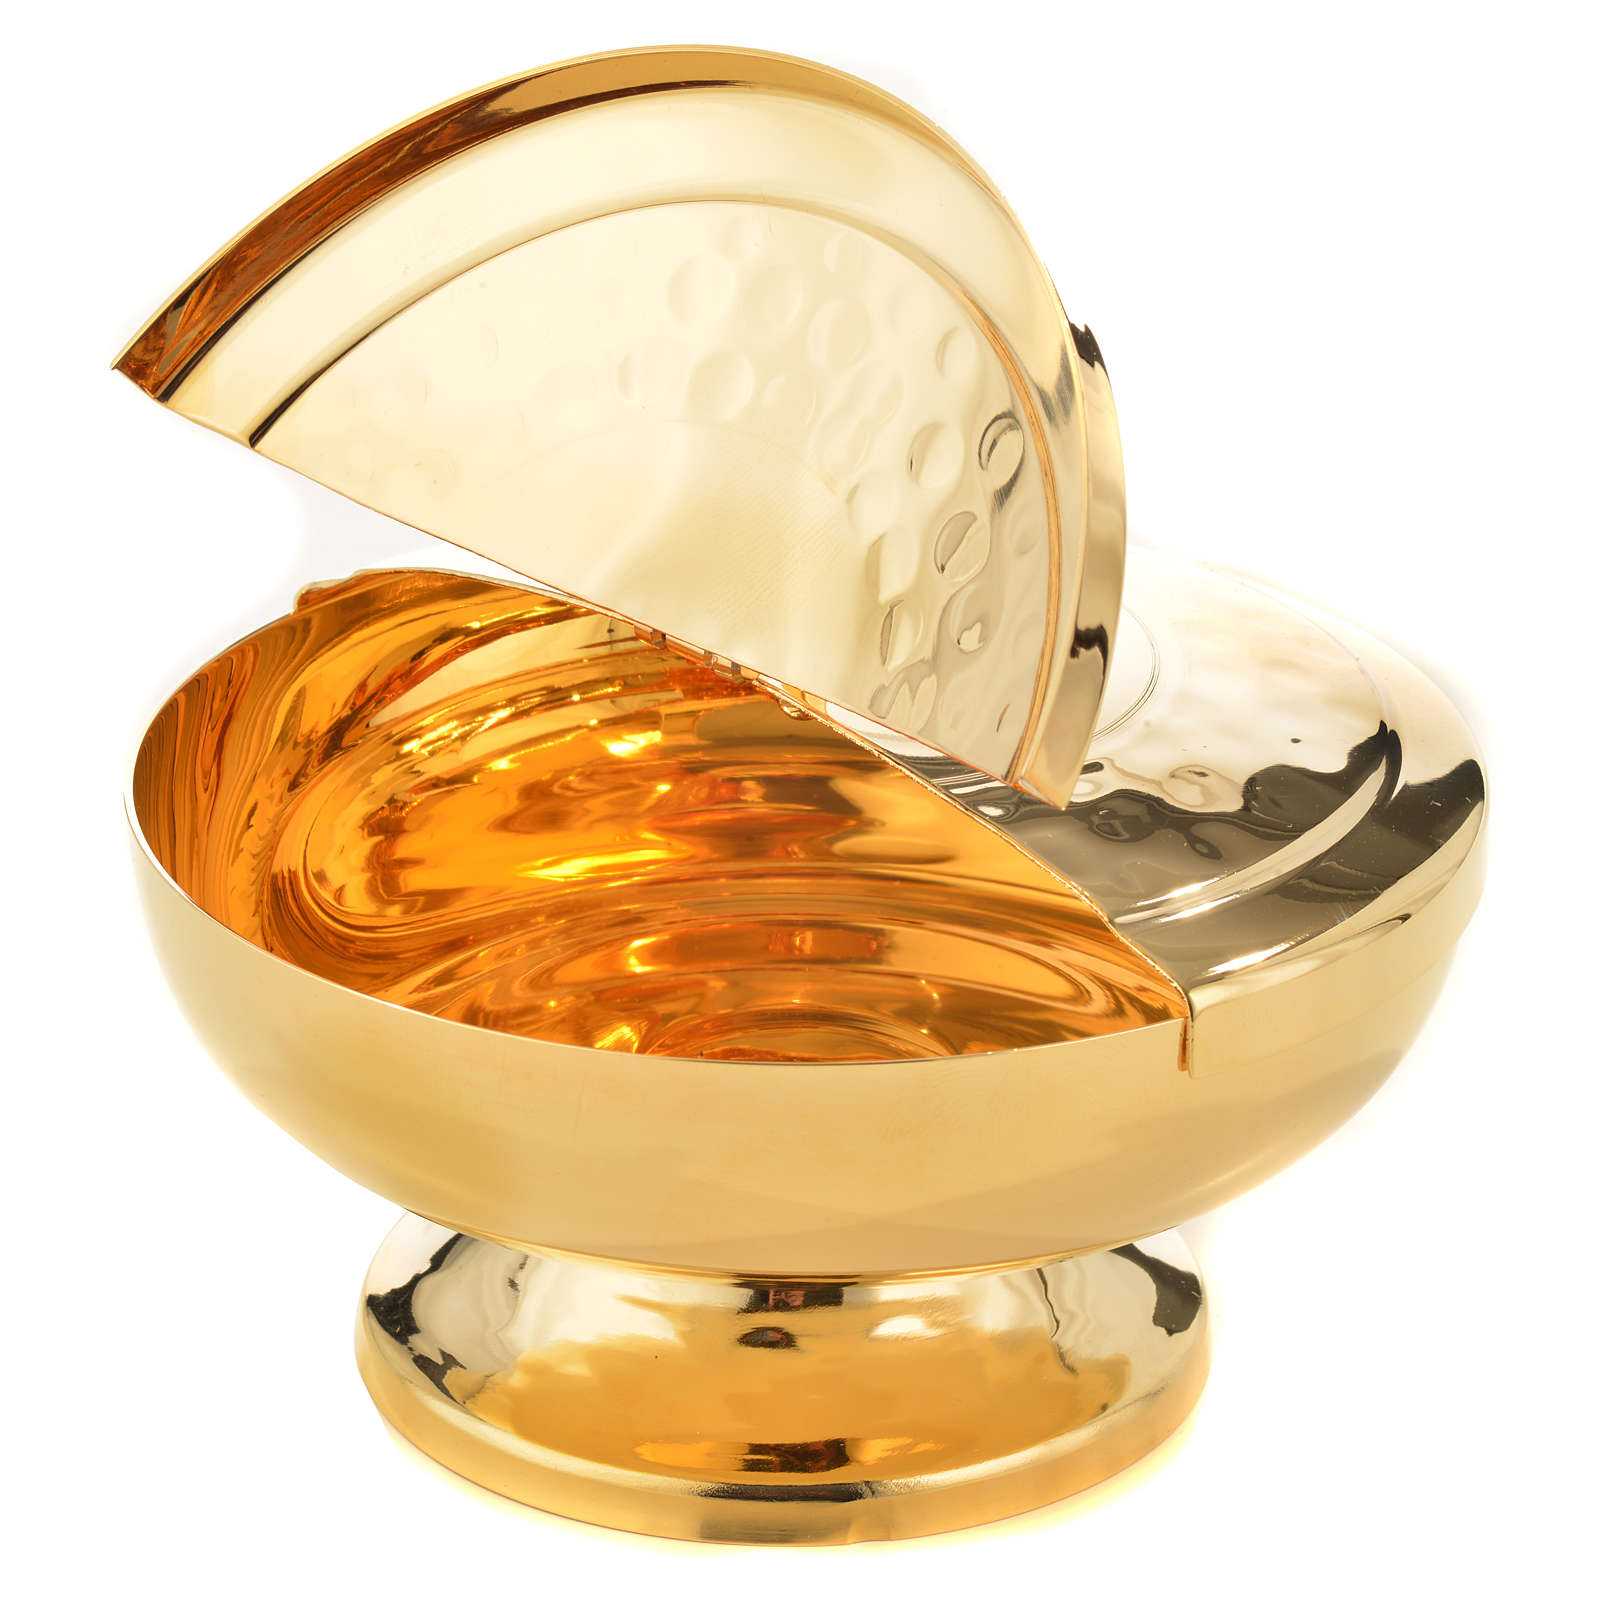 Ciboire laiton doré couvercle ouvrant à moitié 4